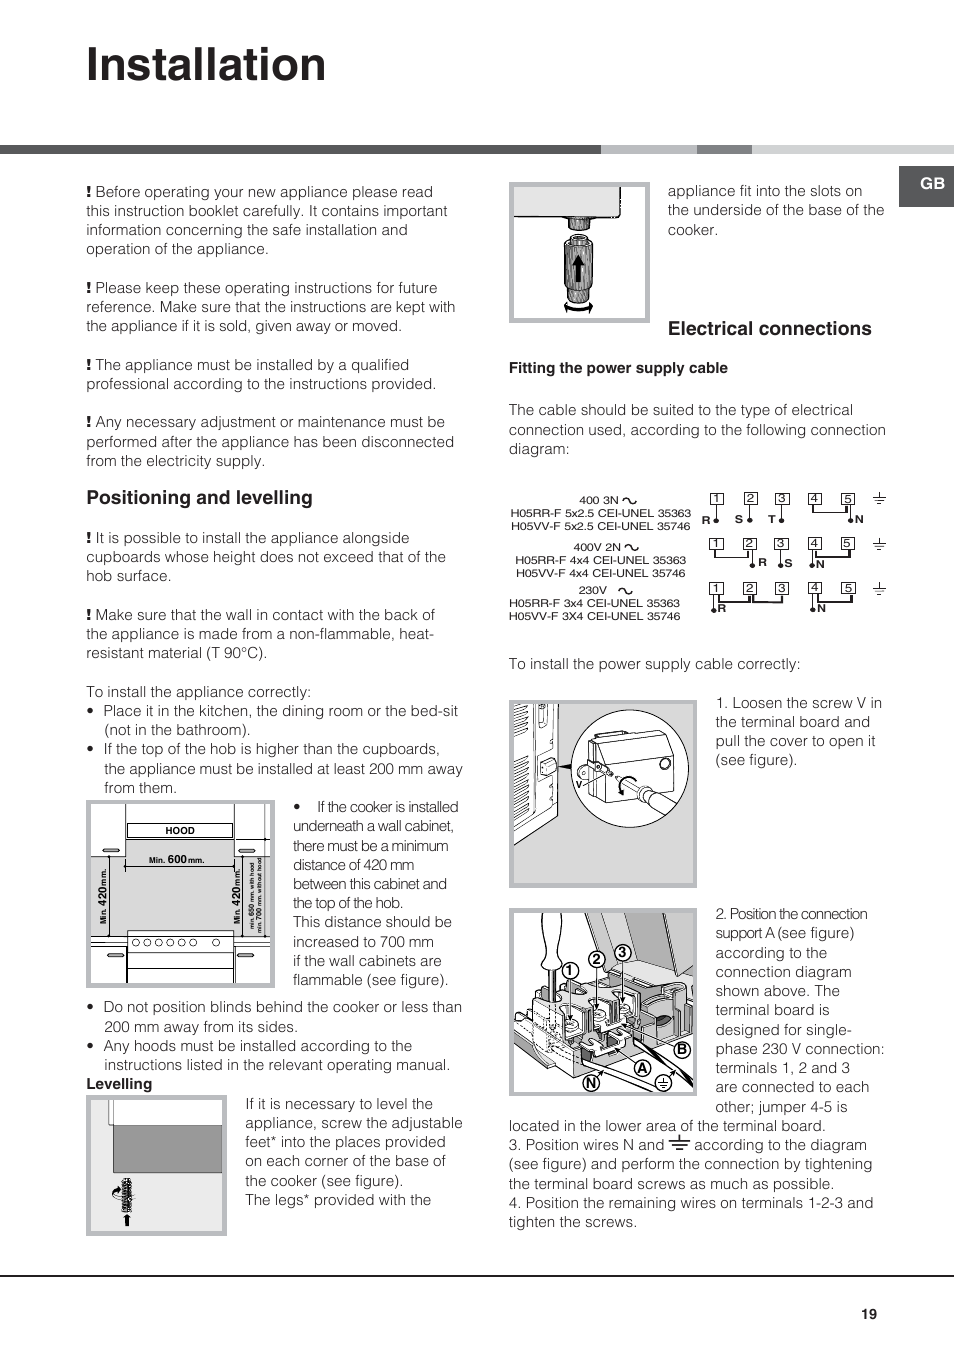 Indesit k6c51/ex manuals.